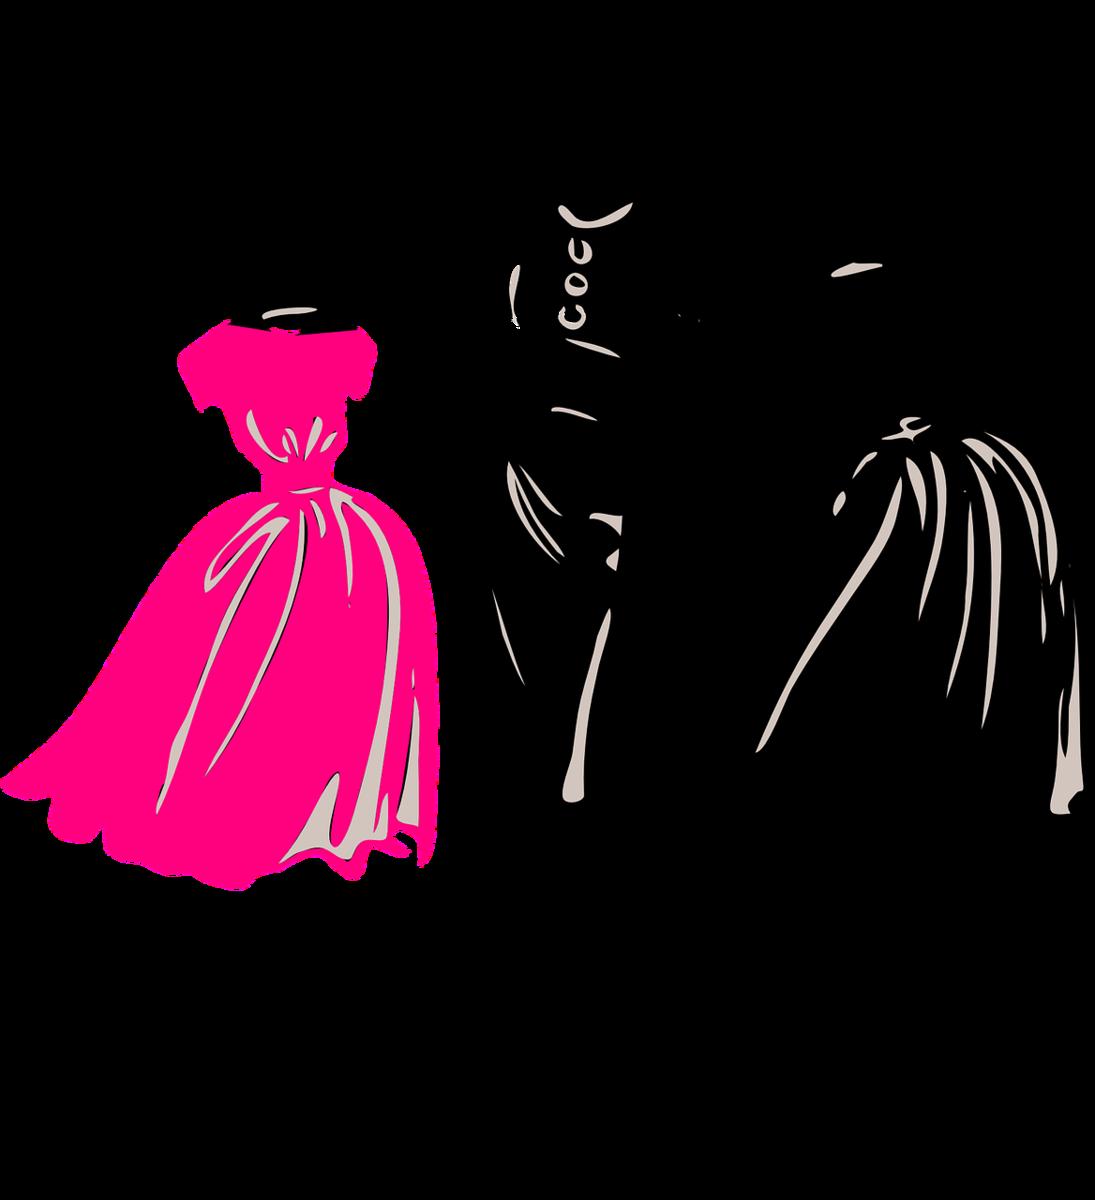 Фон Для Логотипа Магазина Одежды